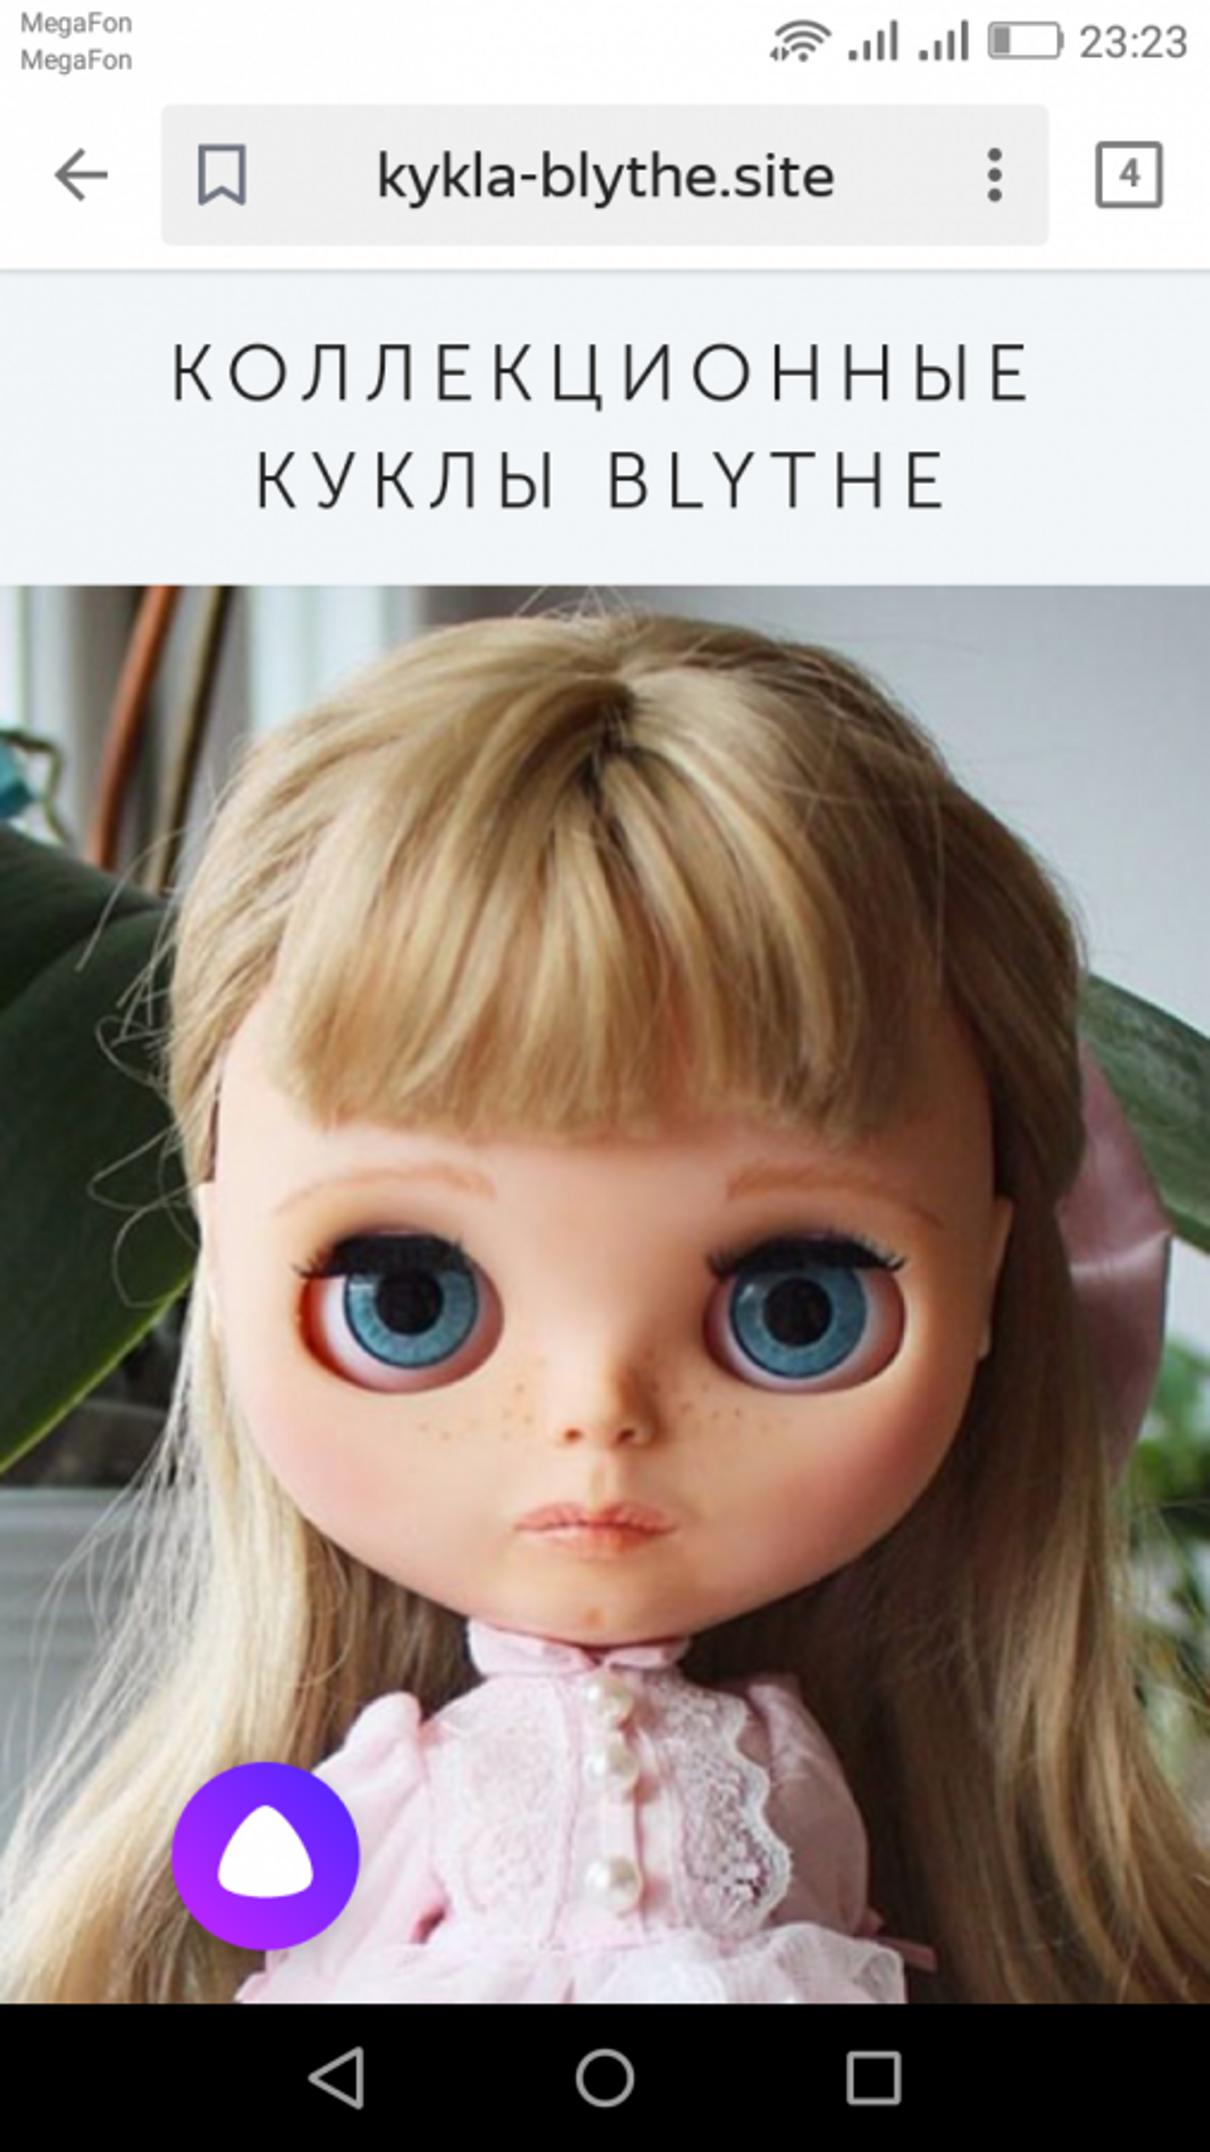 Жалоба-отзыв: Kykla-blythe.site - Мошенники.  Фото №1